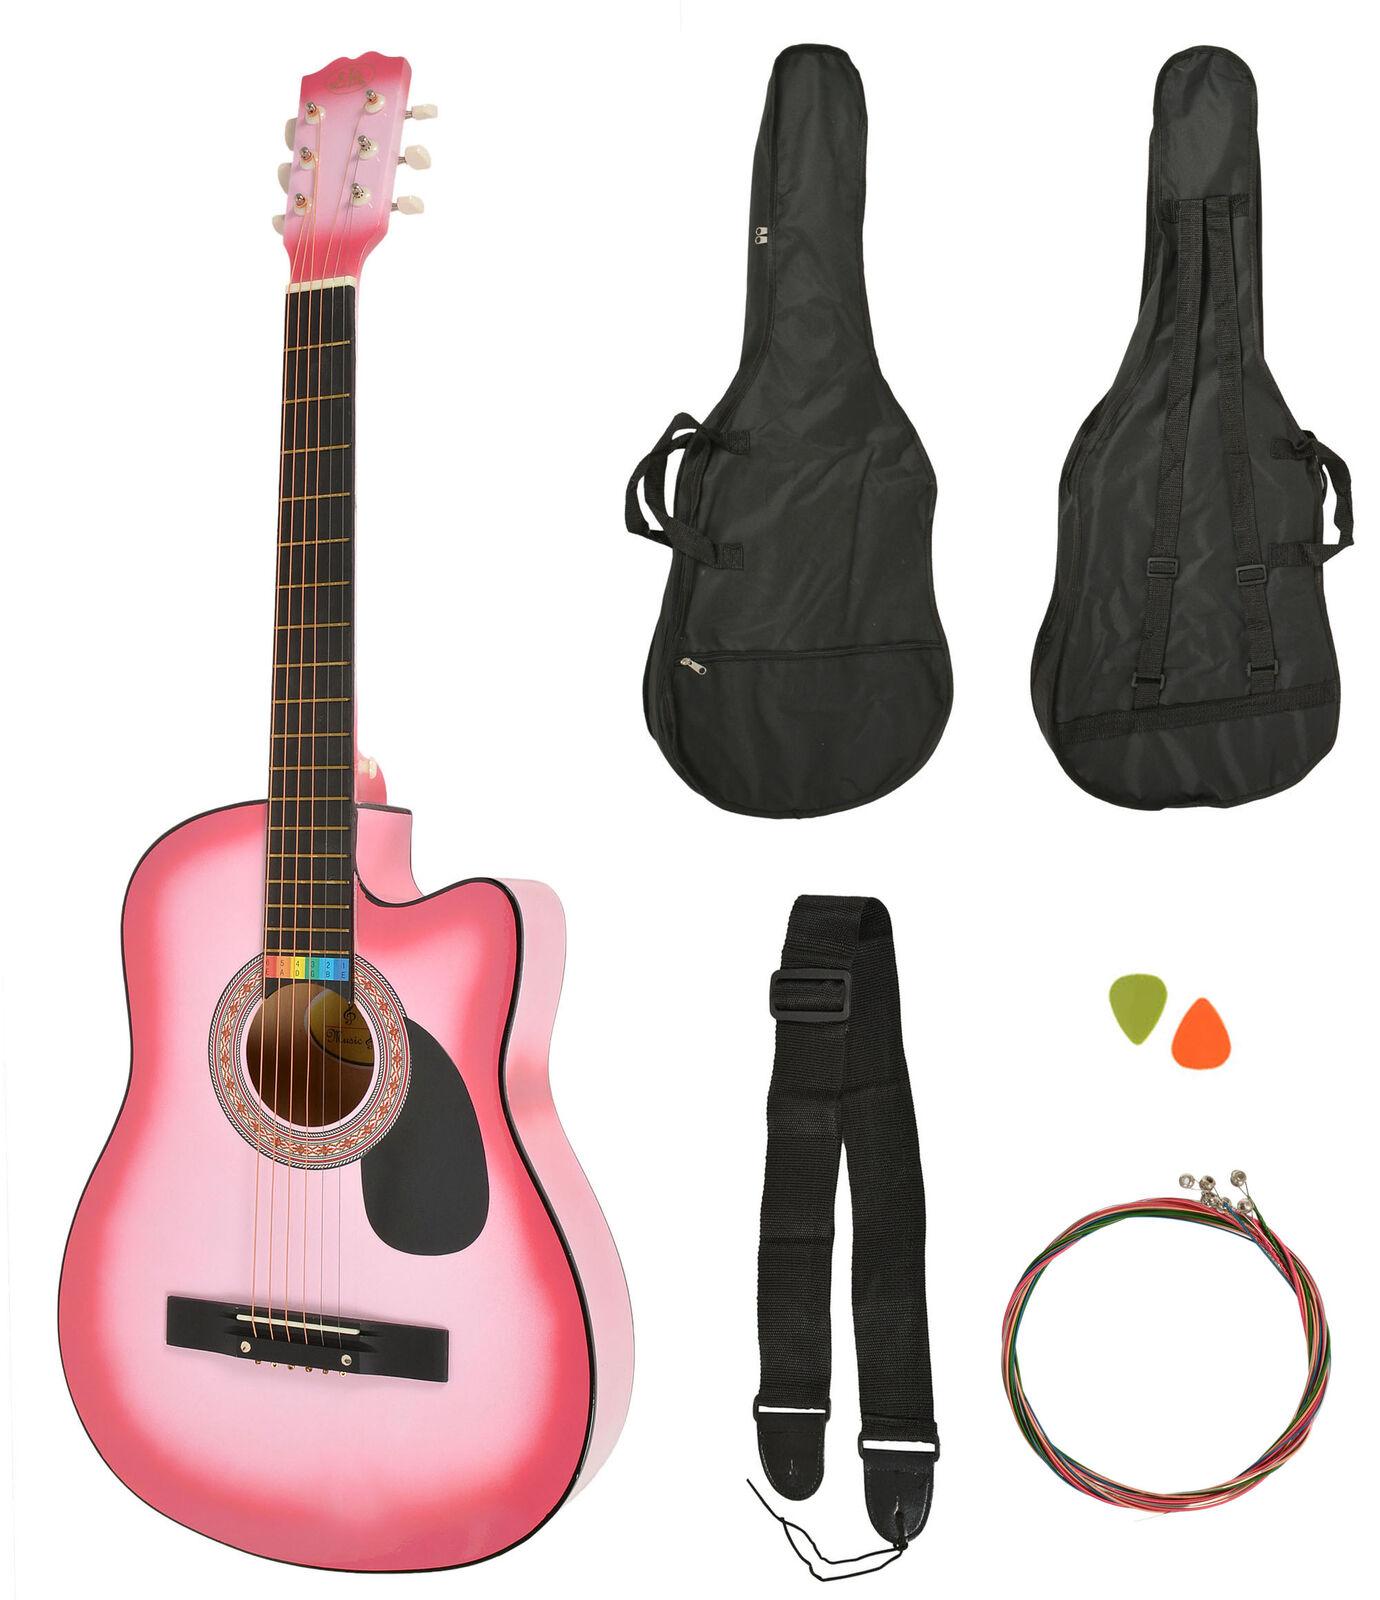 Ts-ideen Western - Guitarra acústica, tamaño regular (4 4) con set de accesorios